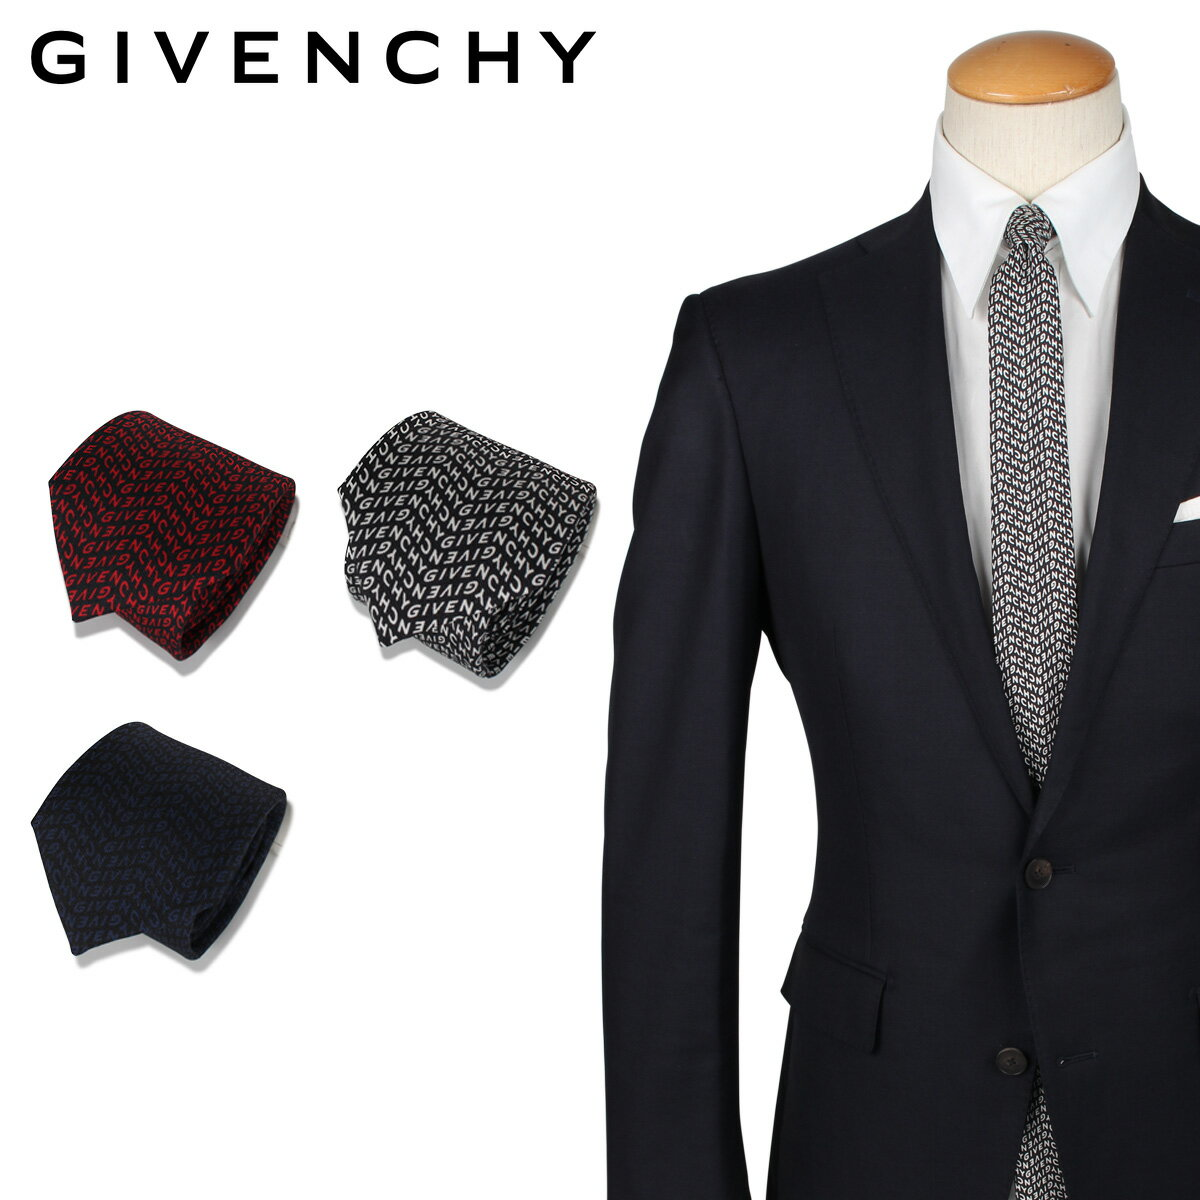 スーツ用ファッション小物, ネクタイ 1000OFF GIVENCHY TIE SM006